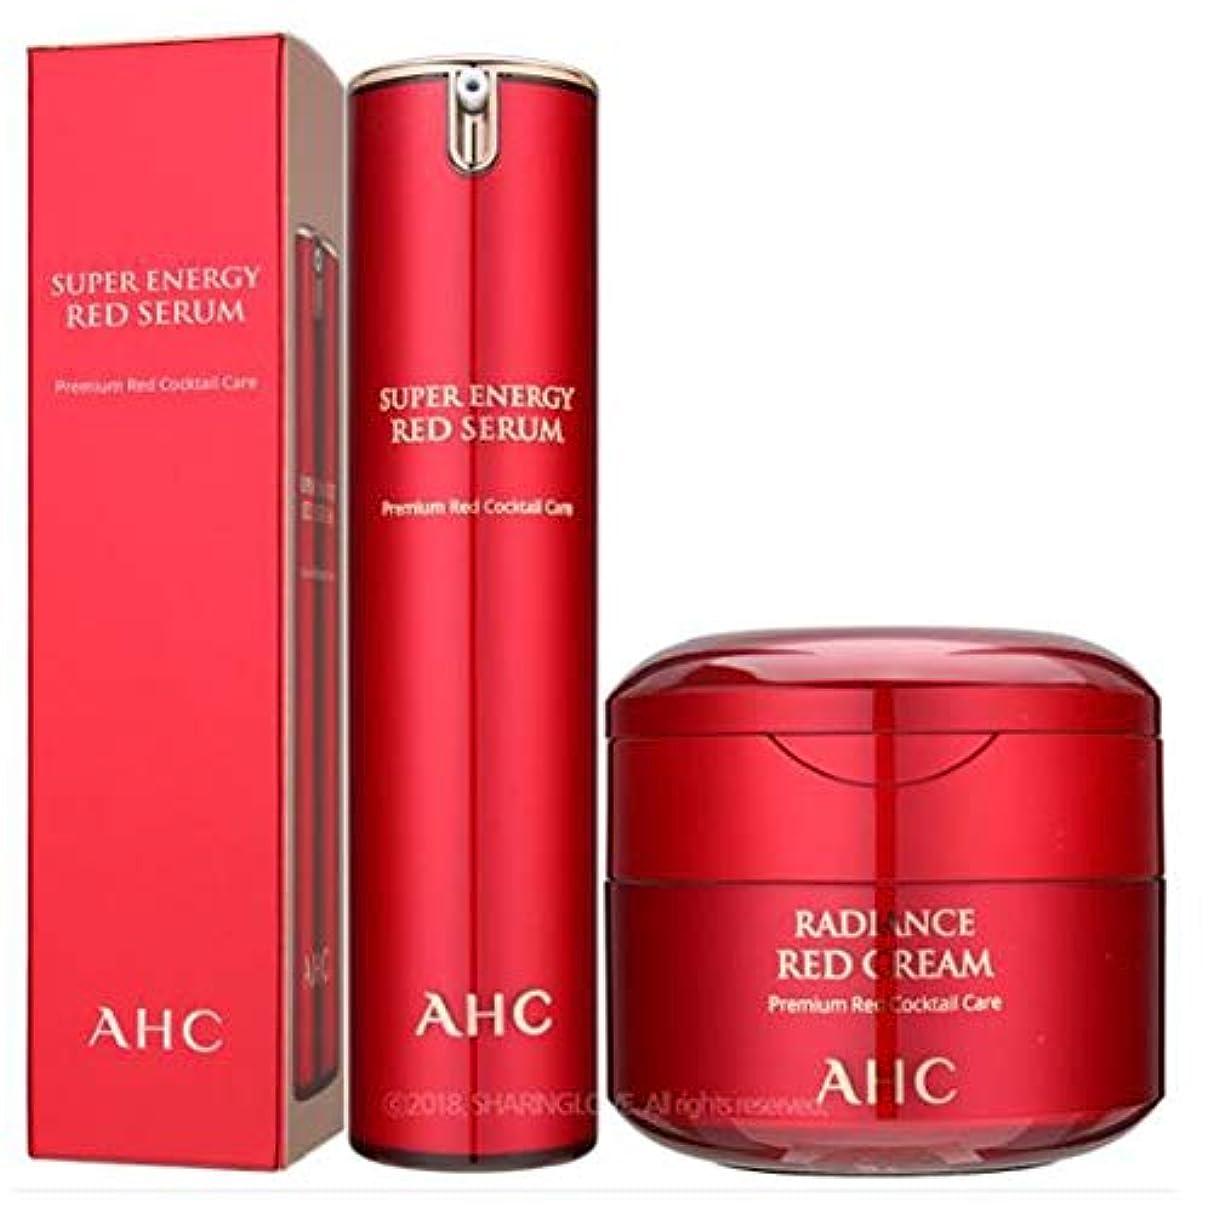 ルビー矢印醸造所AHC Season2 Super Energy Red Serum 50ml&AHC Season2 Super Energy Red Cream 50ml [parallel import goods]